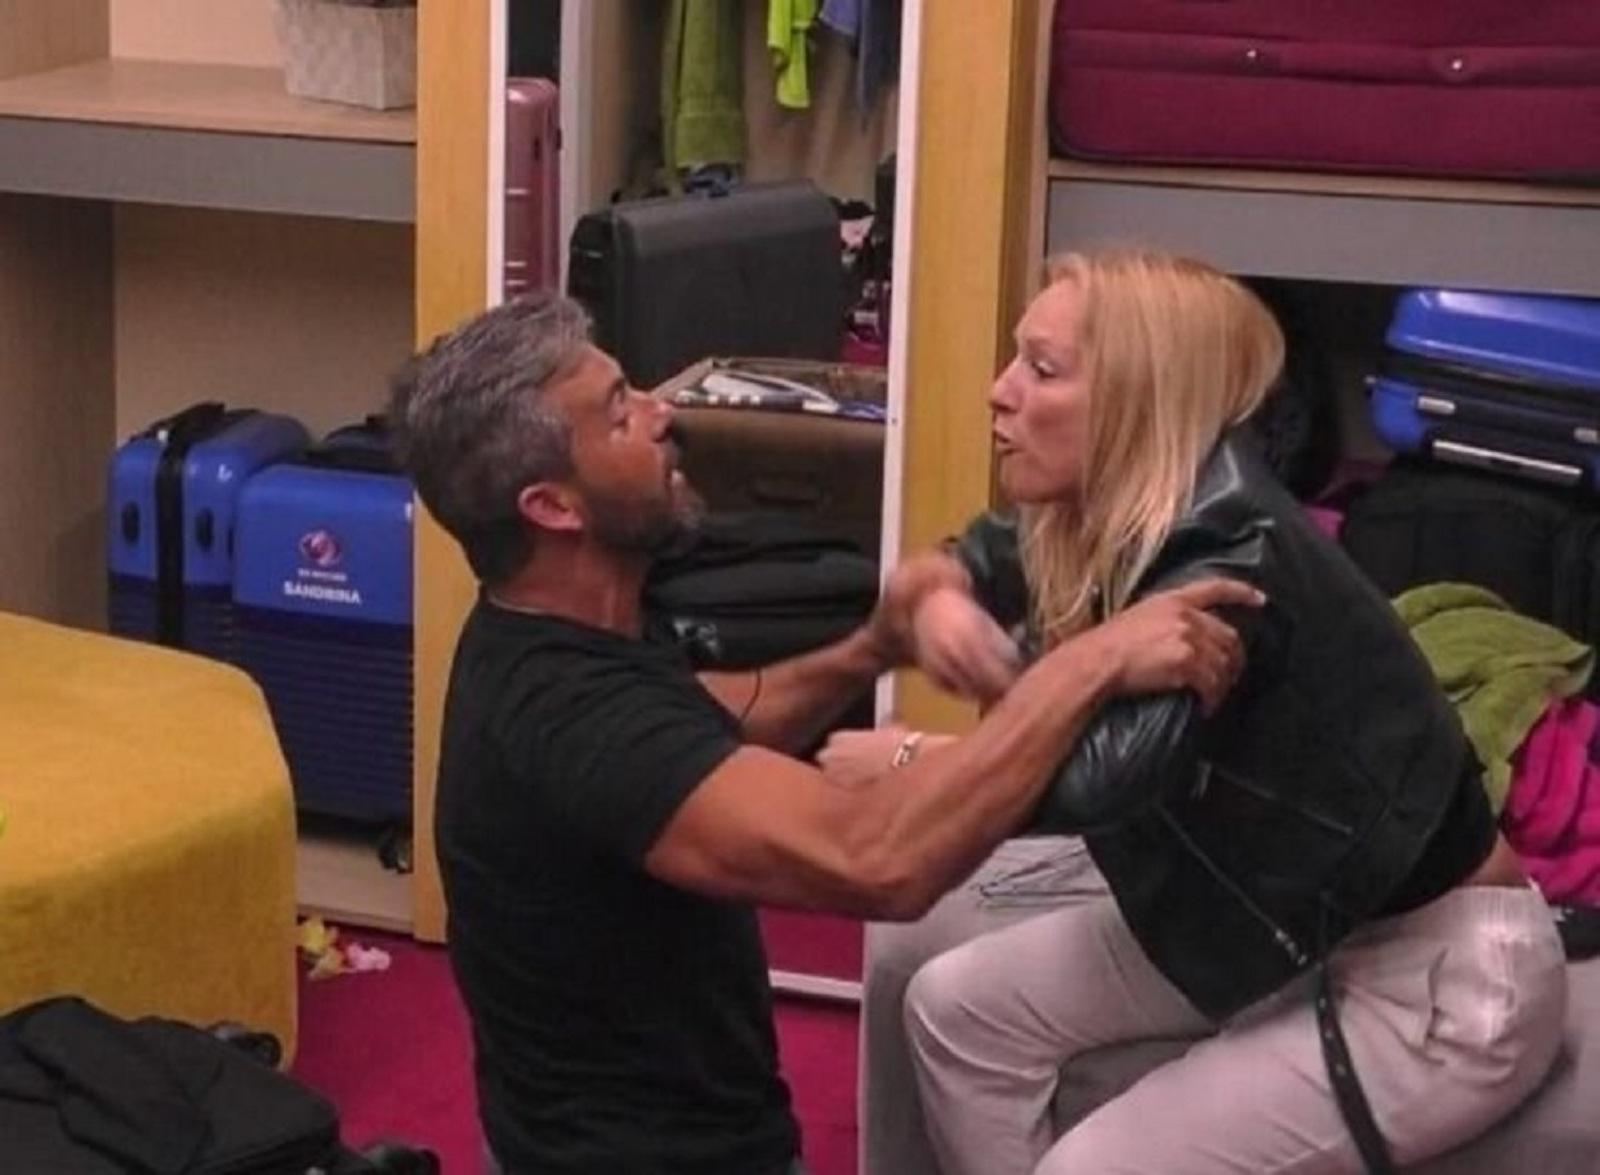 Helder Agarra Em Teresa Big Brother Big Brother! Hélder Agarra Teresa E 'Big Brother' Tem De Intervir